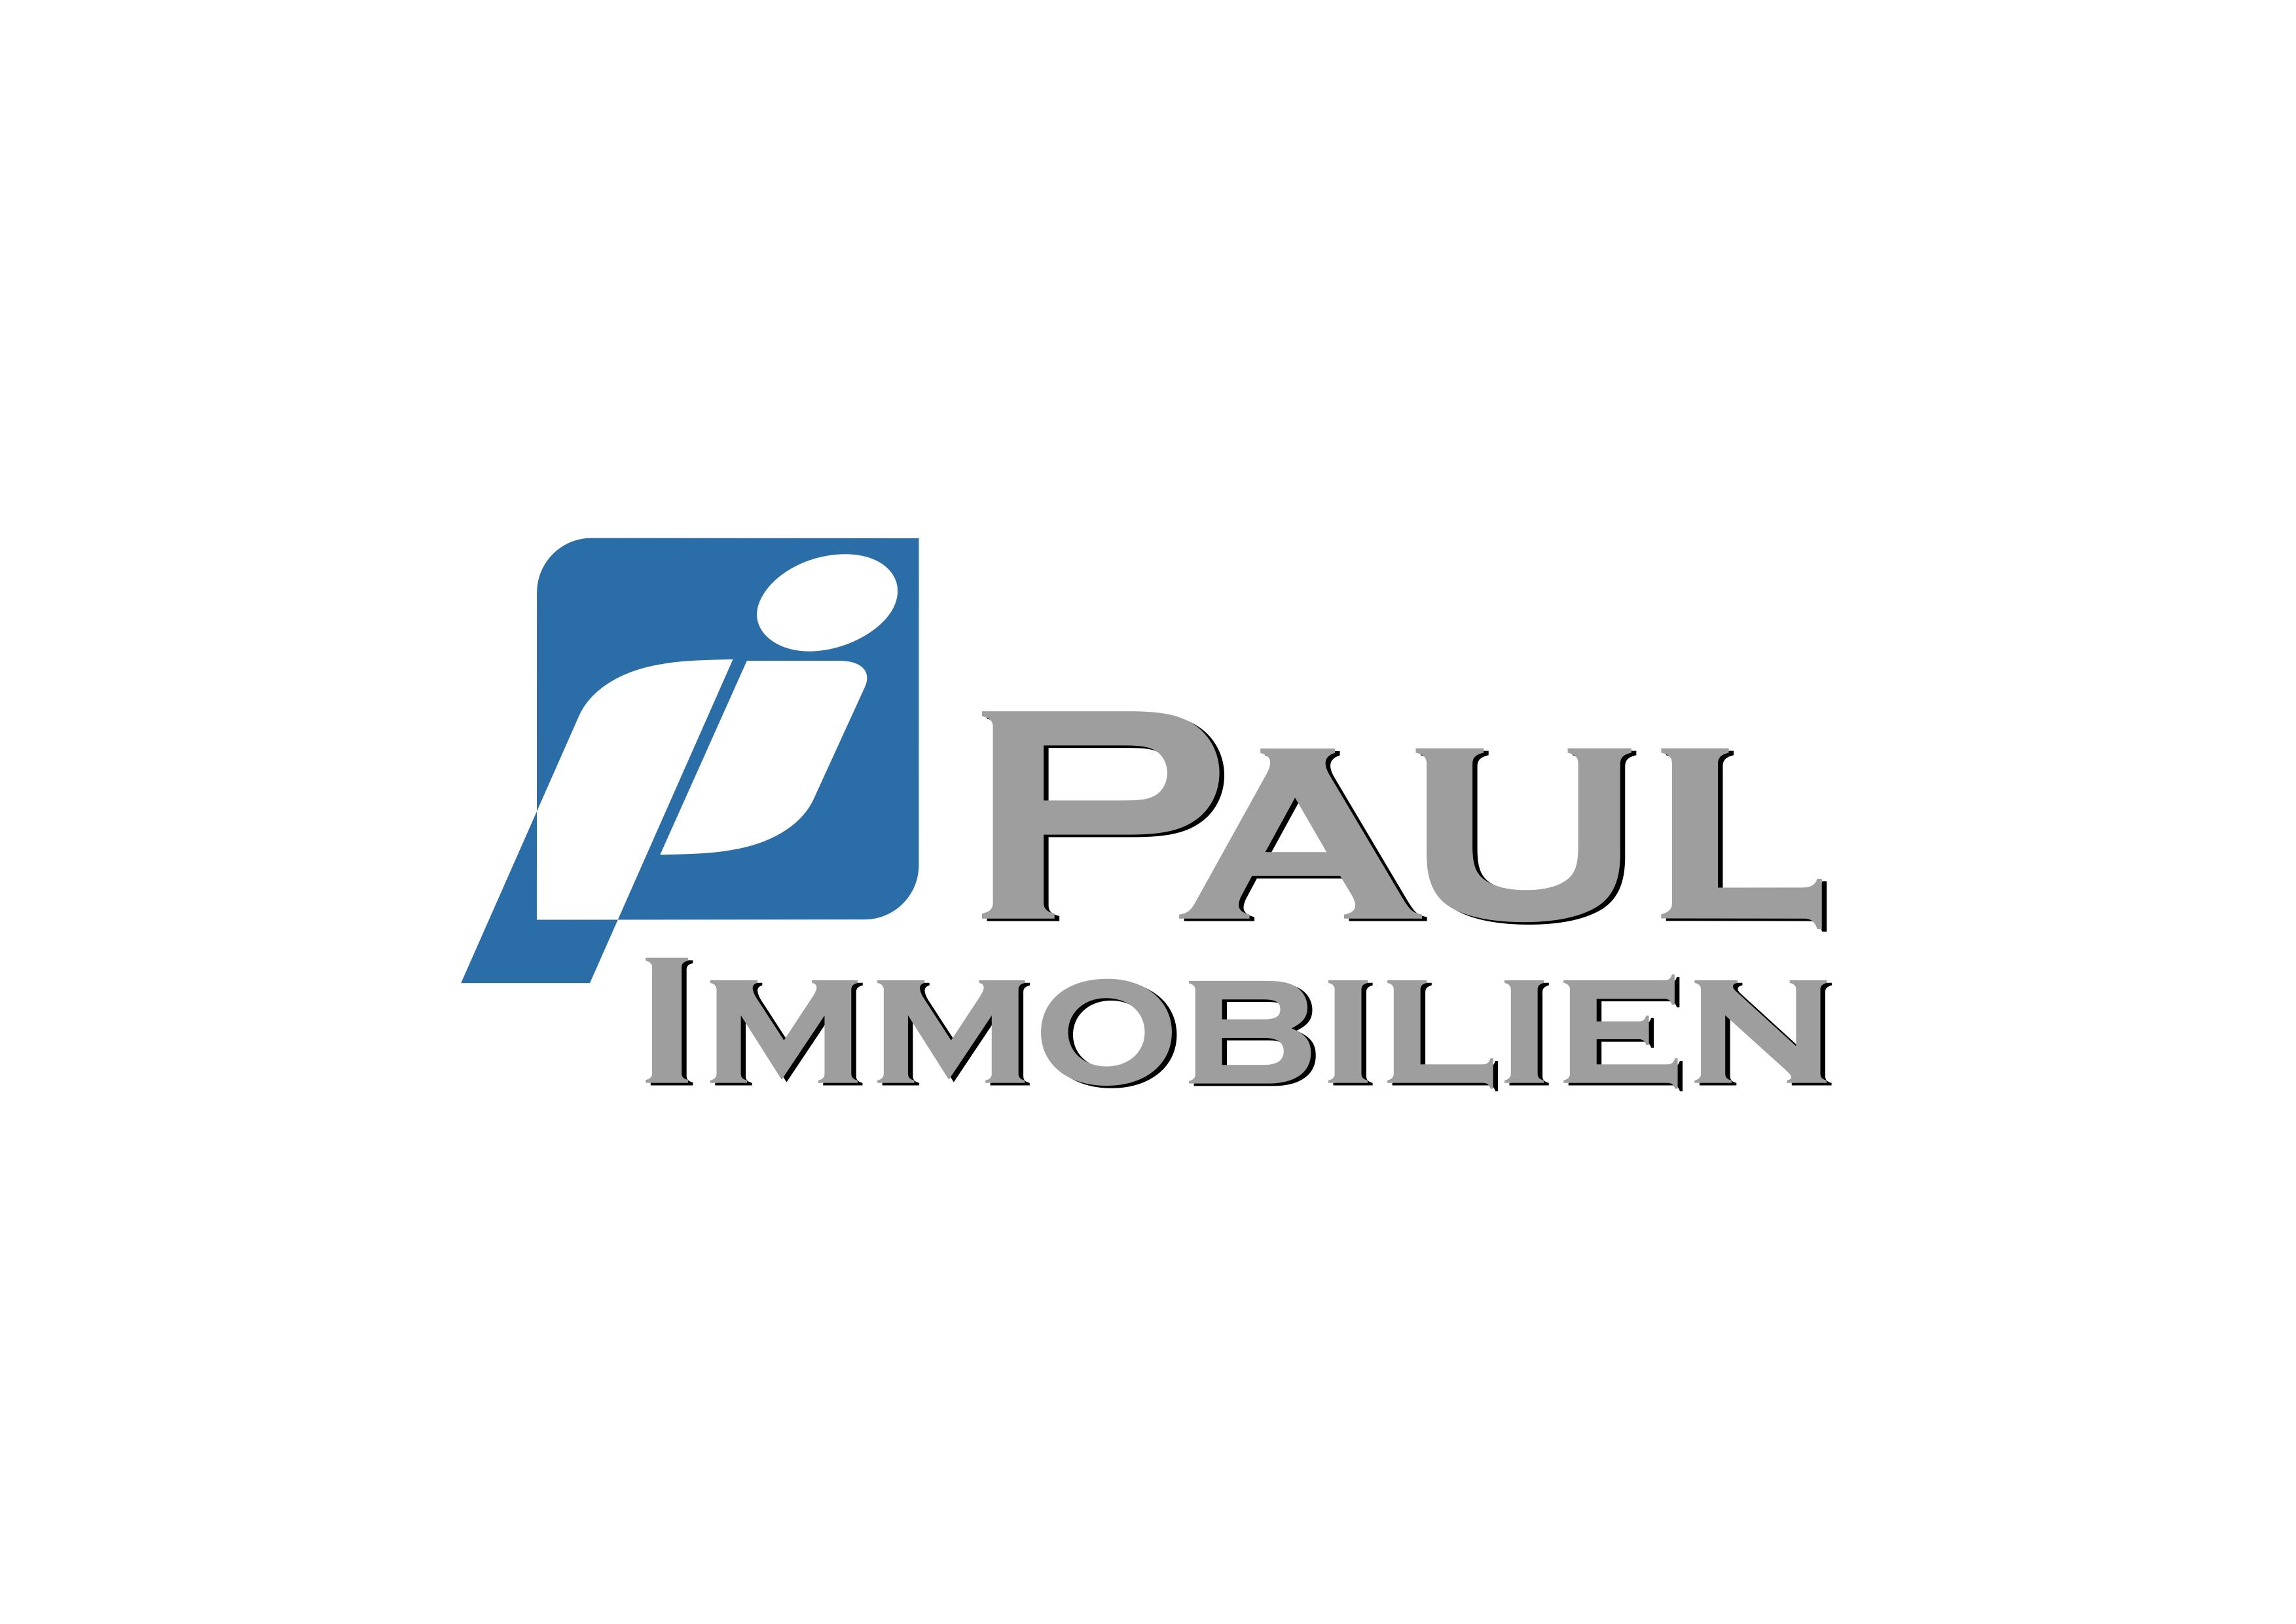 Paul Immobilien